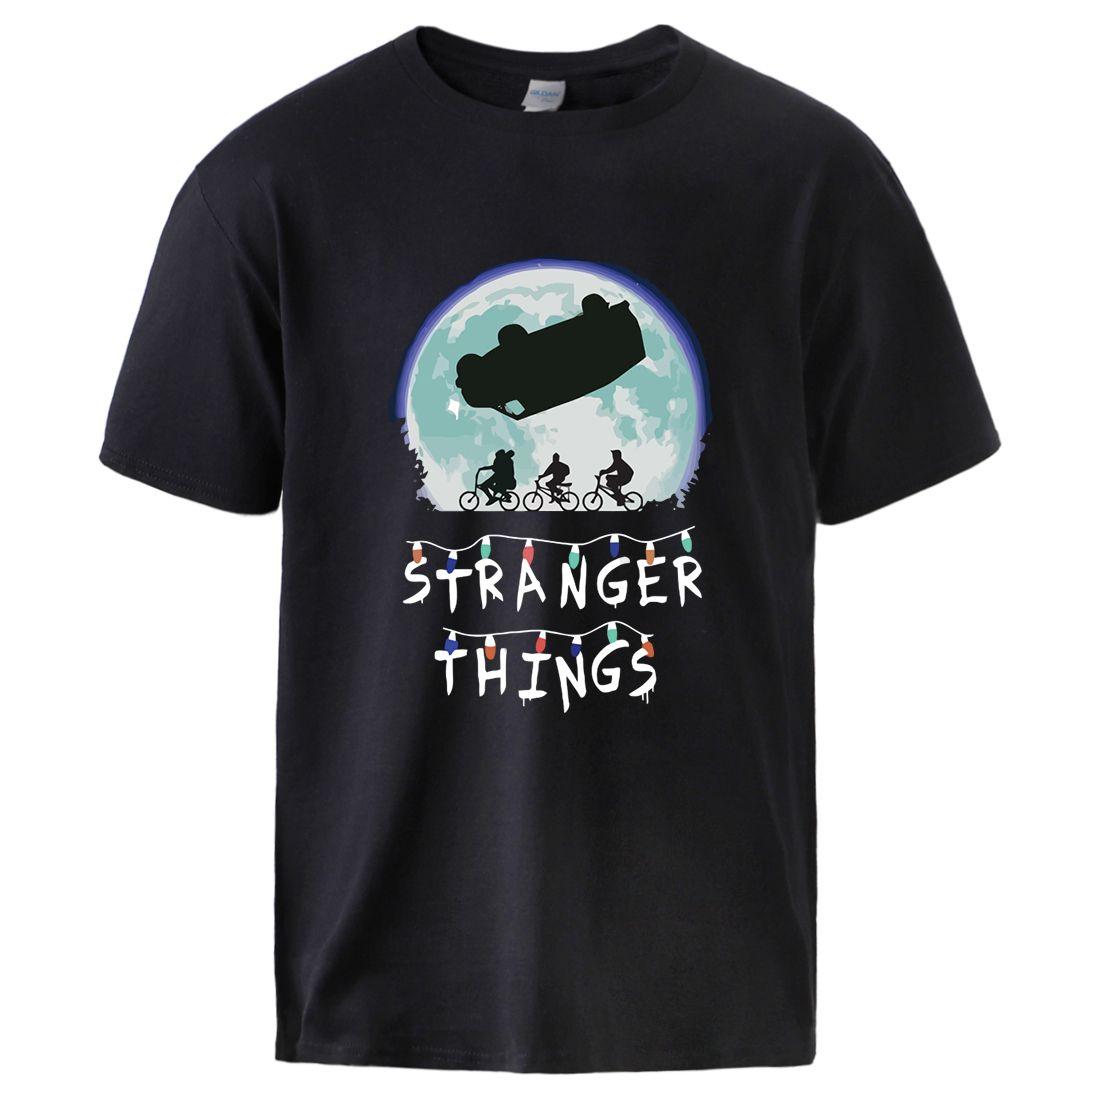 spor Yabancı şeyler Mens tişörtleri 2020 Yaz İlkbahar Pamuk Spor Tişört Erkek Kısa Kollu Tee T shirt Erkek Casual Egzersiz Üst